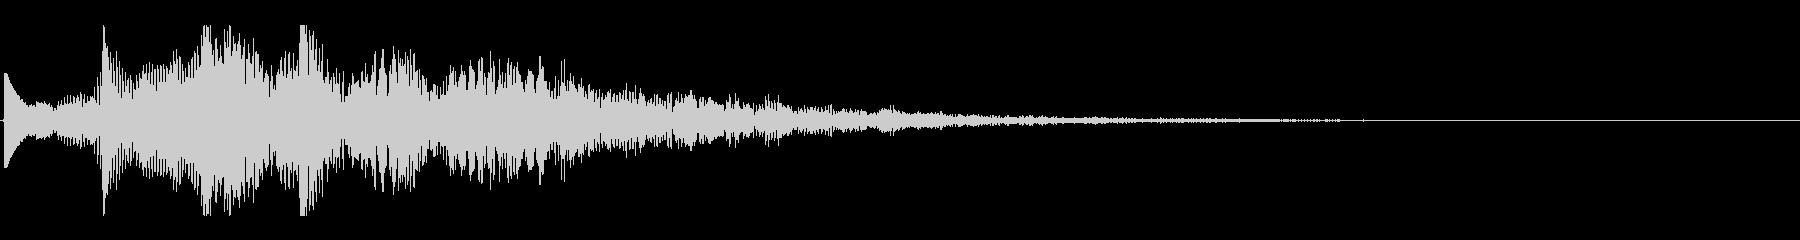 KANT涼しげアイキャッチ09221の未再生の波形